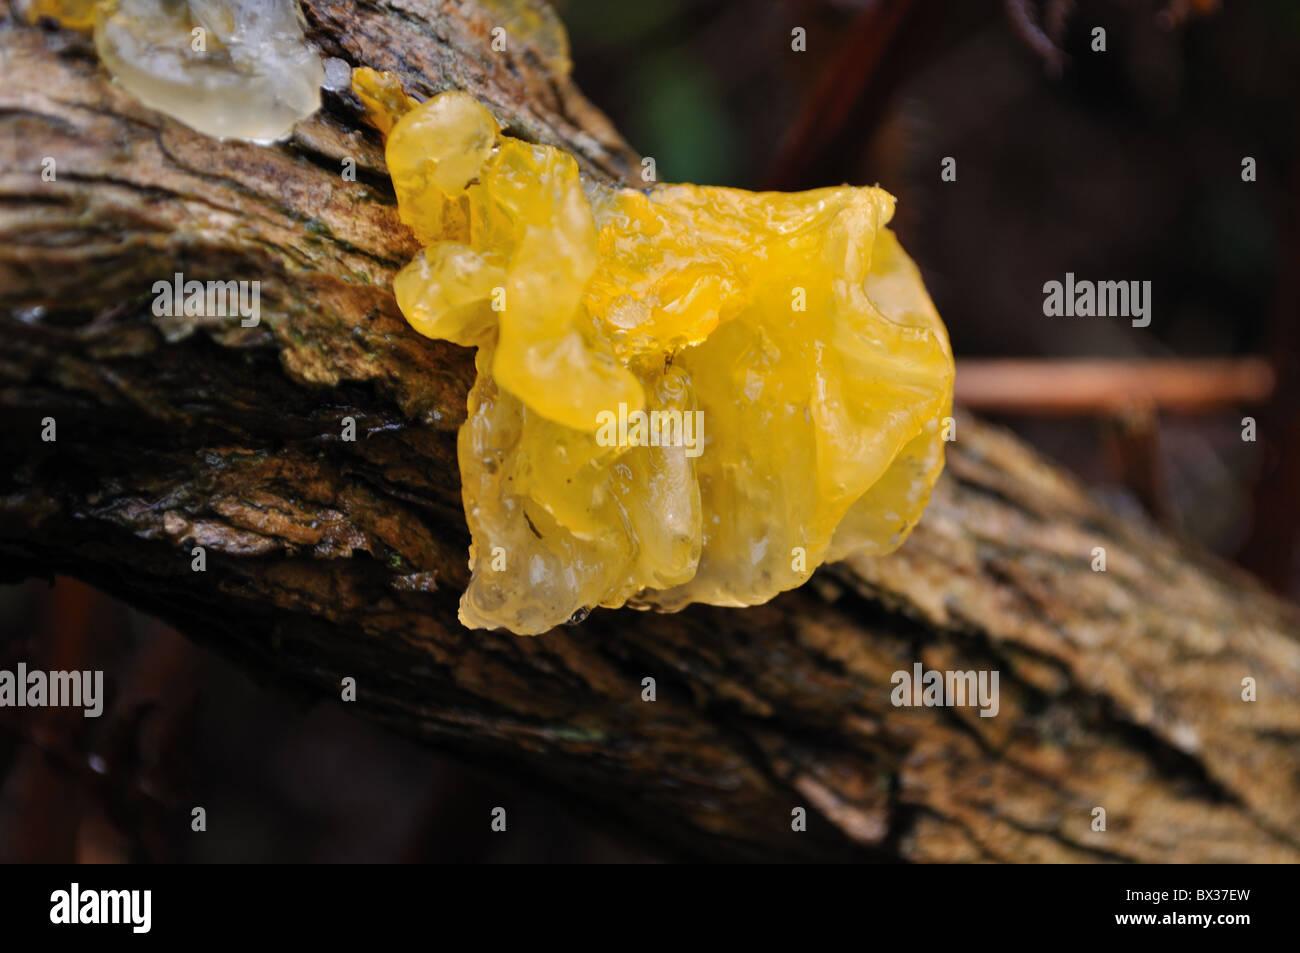 Fungi Yellow brain fungus - Stock Image